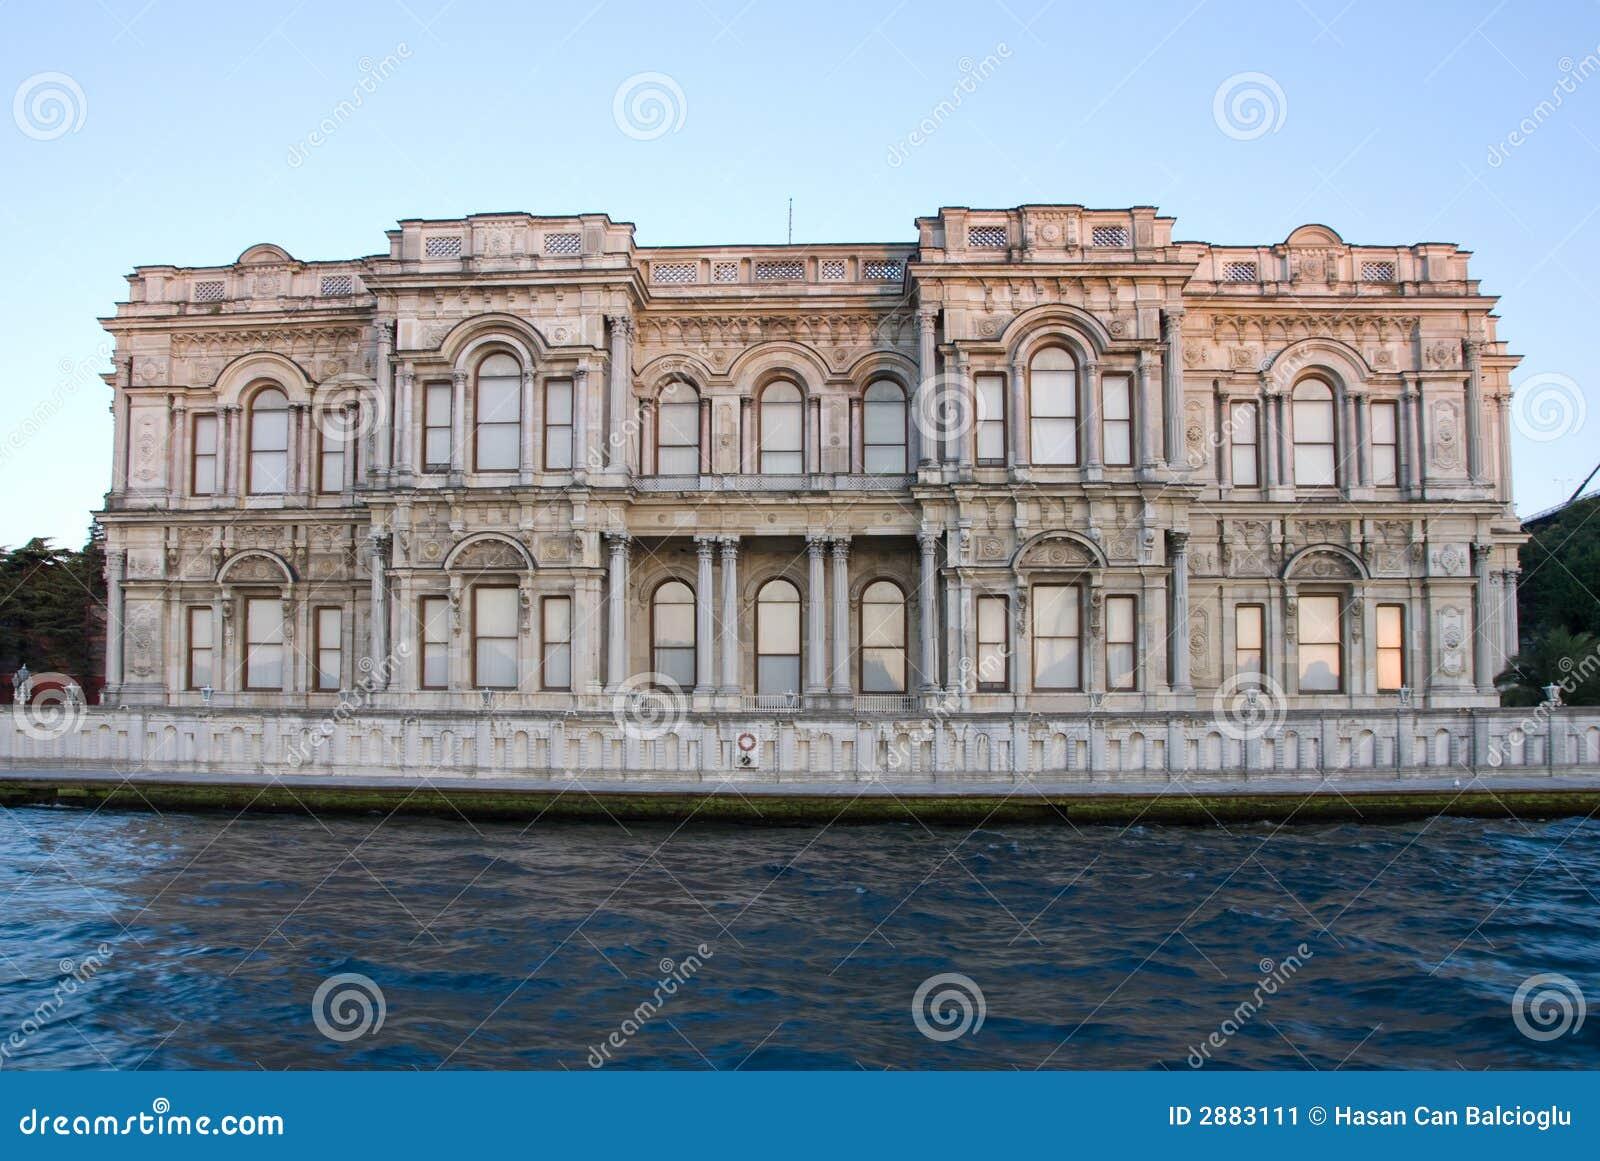 Het oude Paleis van de Ottomane in Istanboel